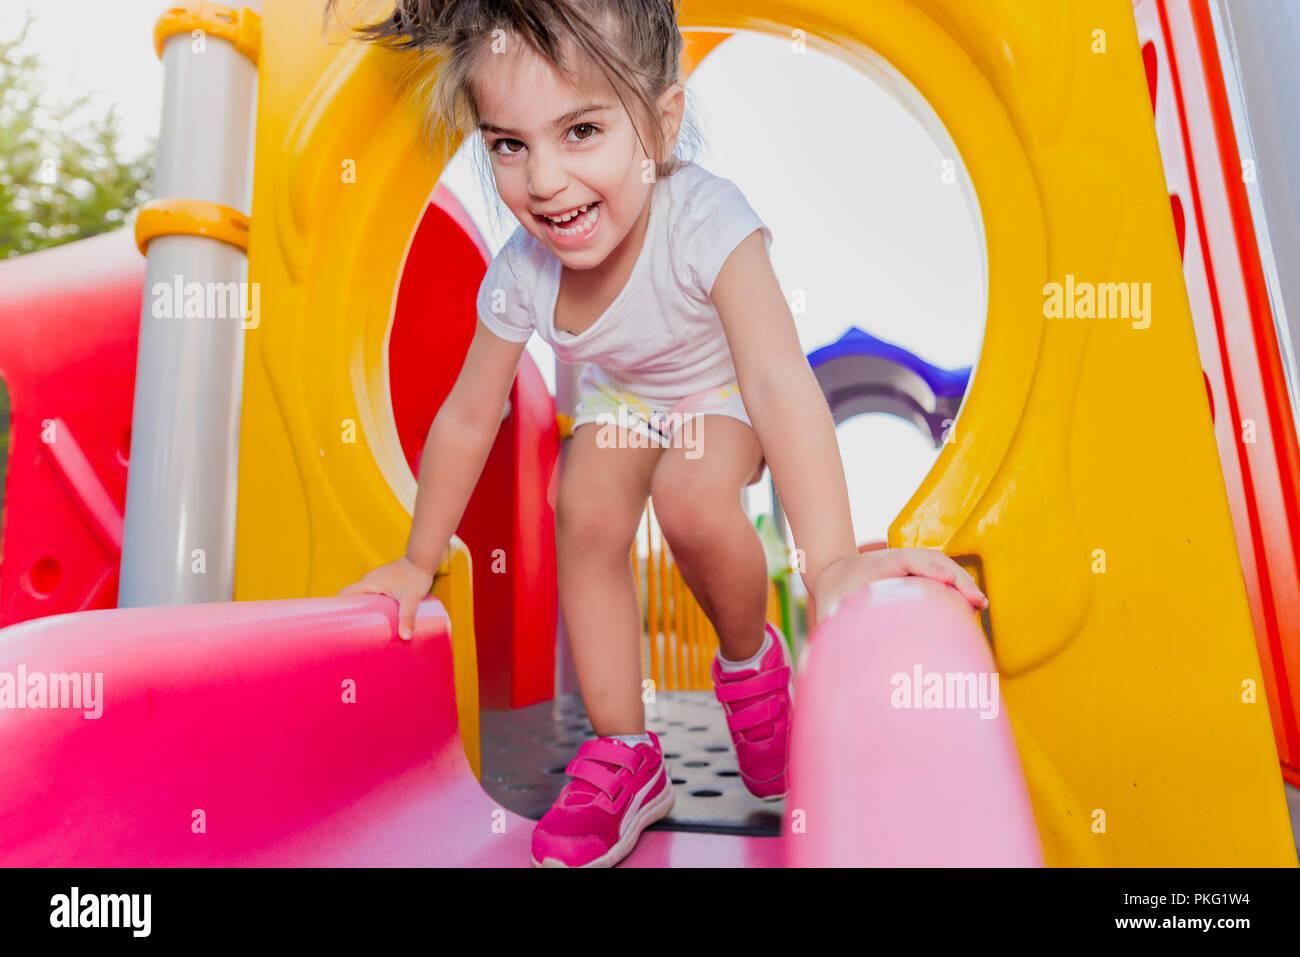 Ritratto di carino bambina di trattenimento e scorrimento su slitte sul parco giochi Immagini Stock